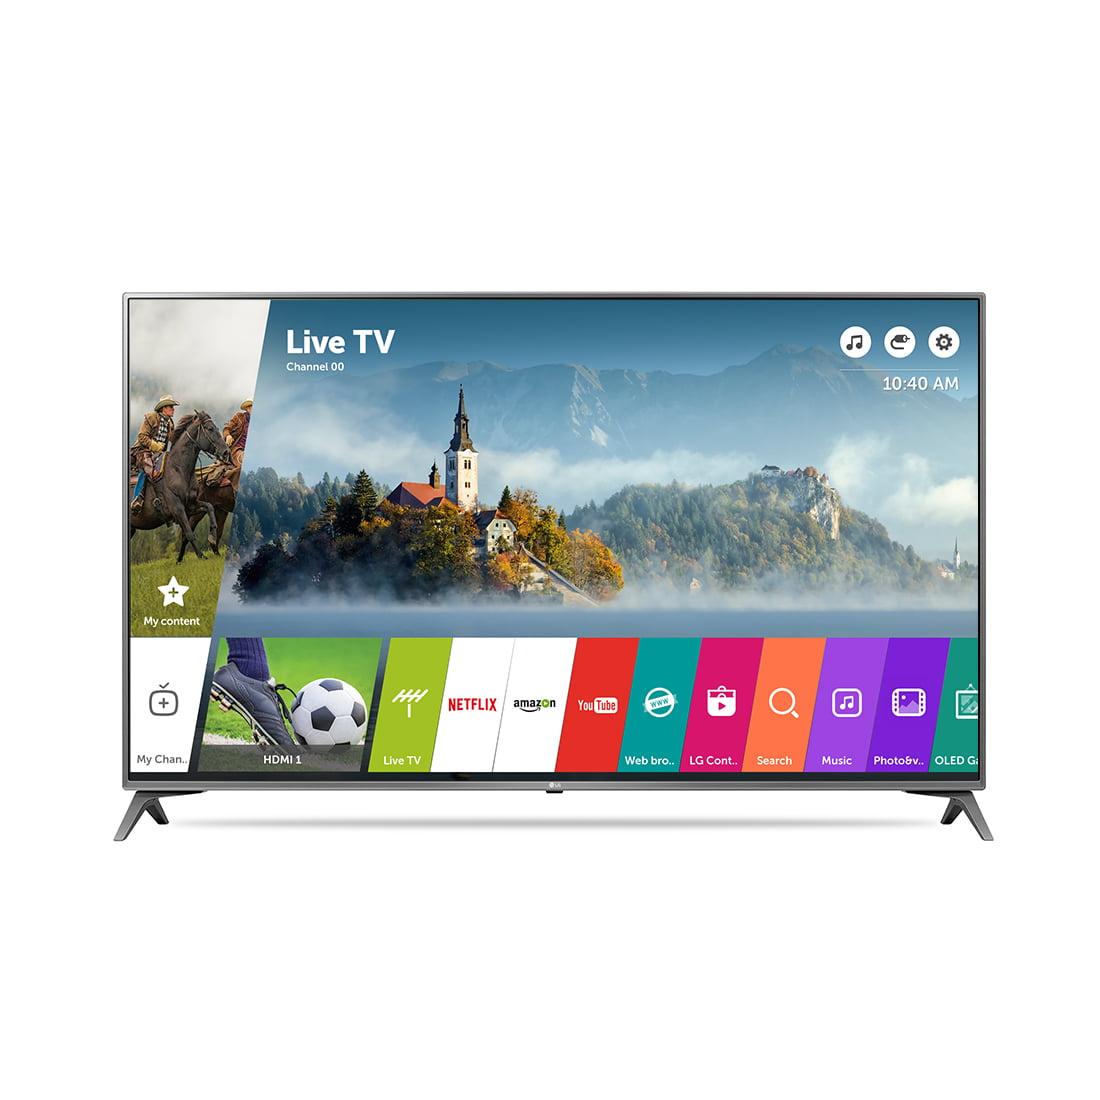 lg 55uj6540 55 4k uhd hdr smart led tv. Black Bedroom Furniture Sets. Home Design Ideas